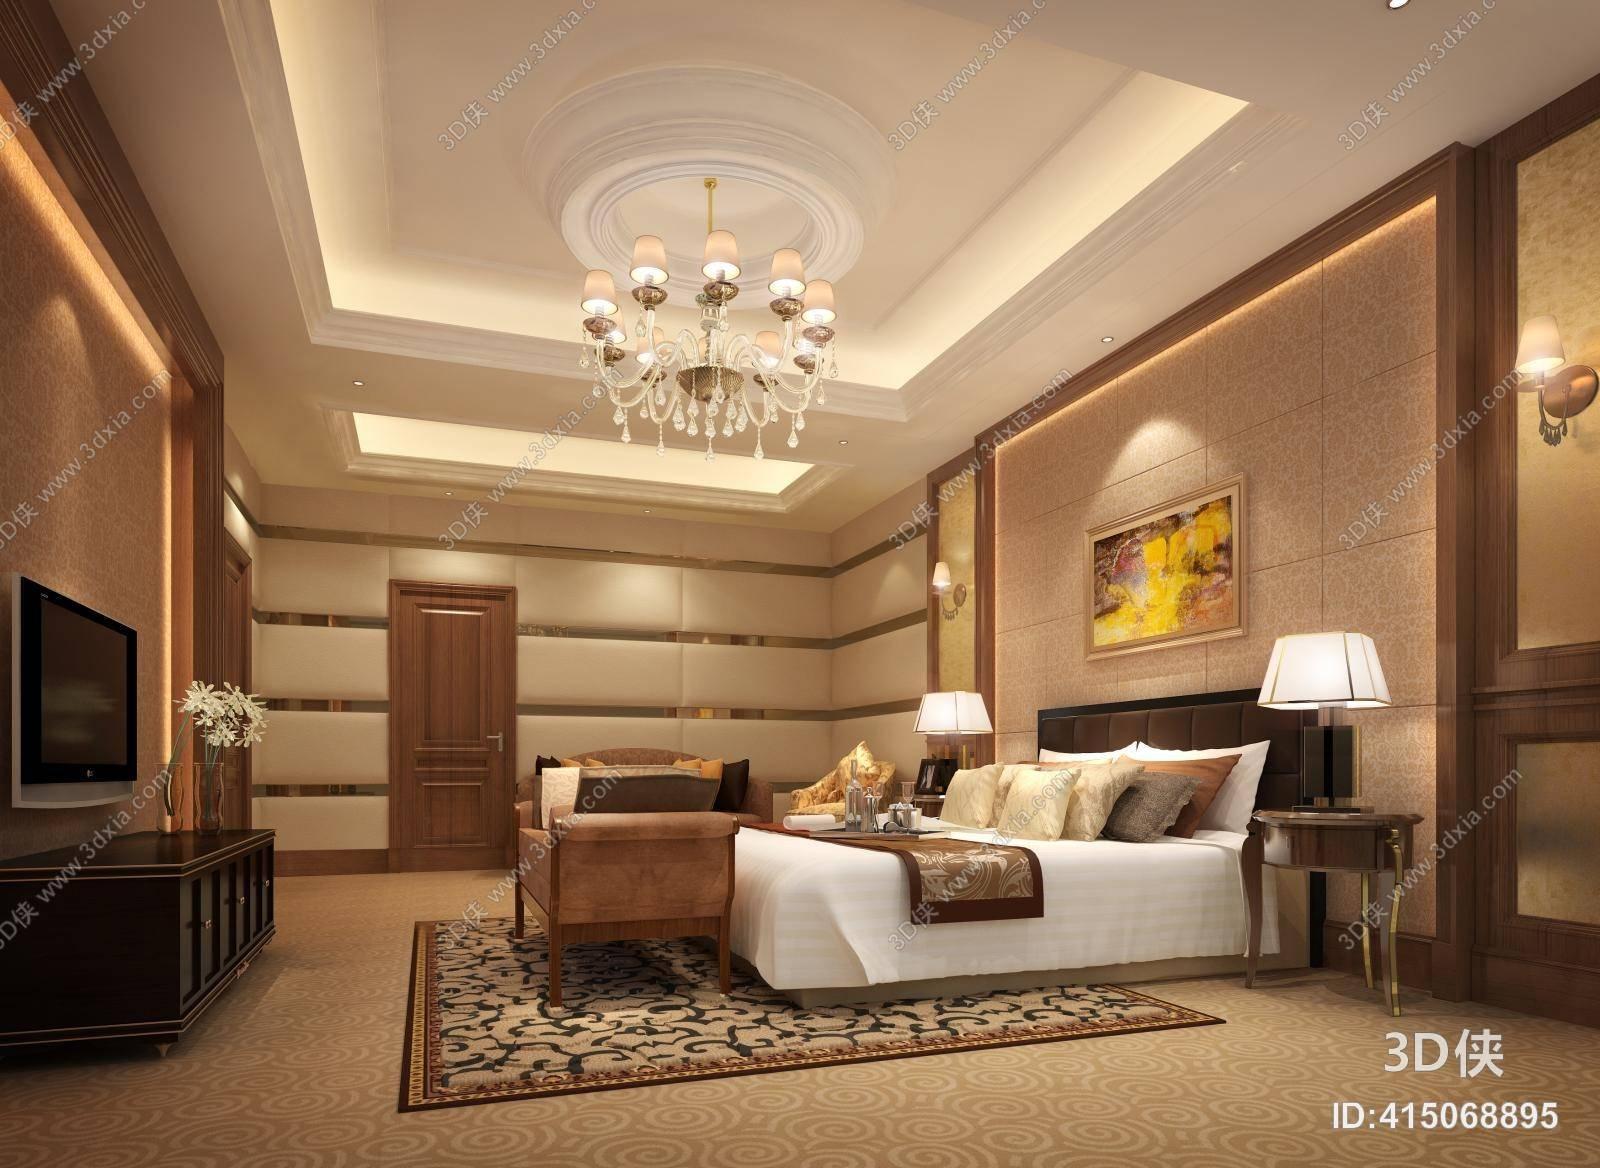 欧式简约家居卧室 欧式简约棕色双人床 欧式简约棕色长方形木艺电视柜